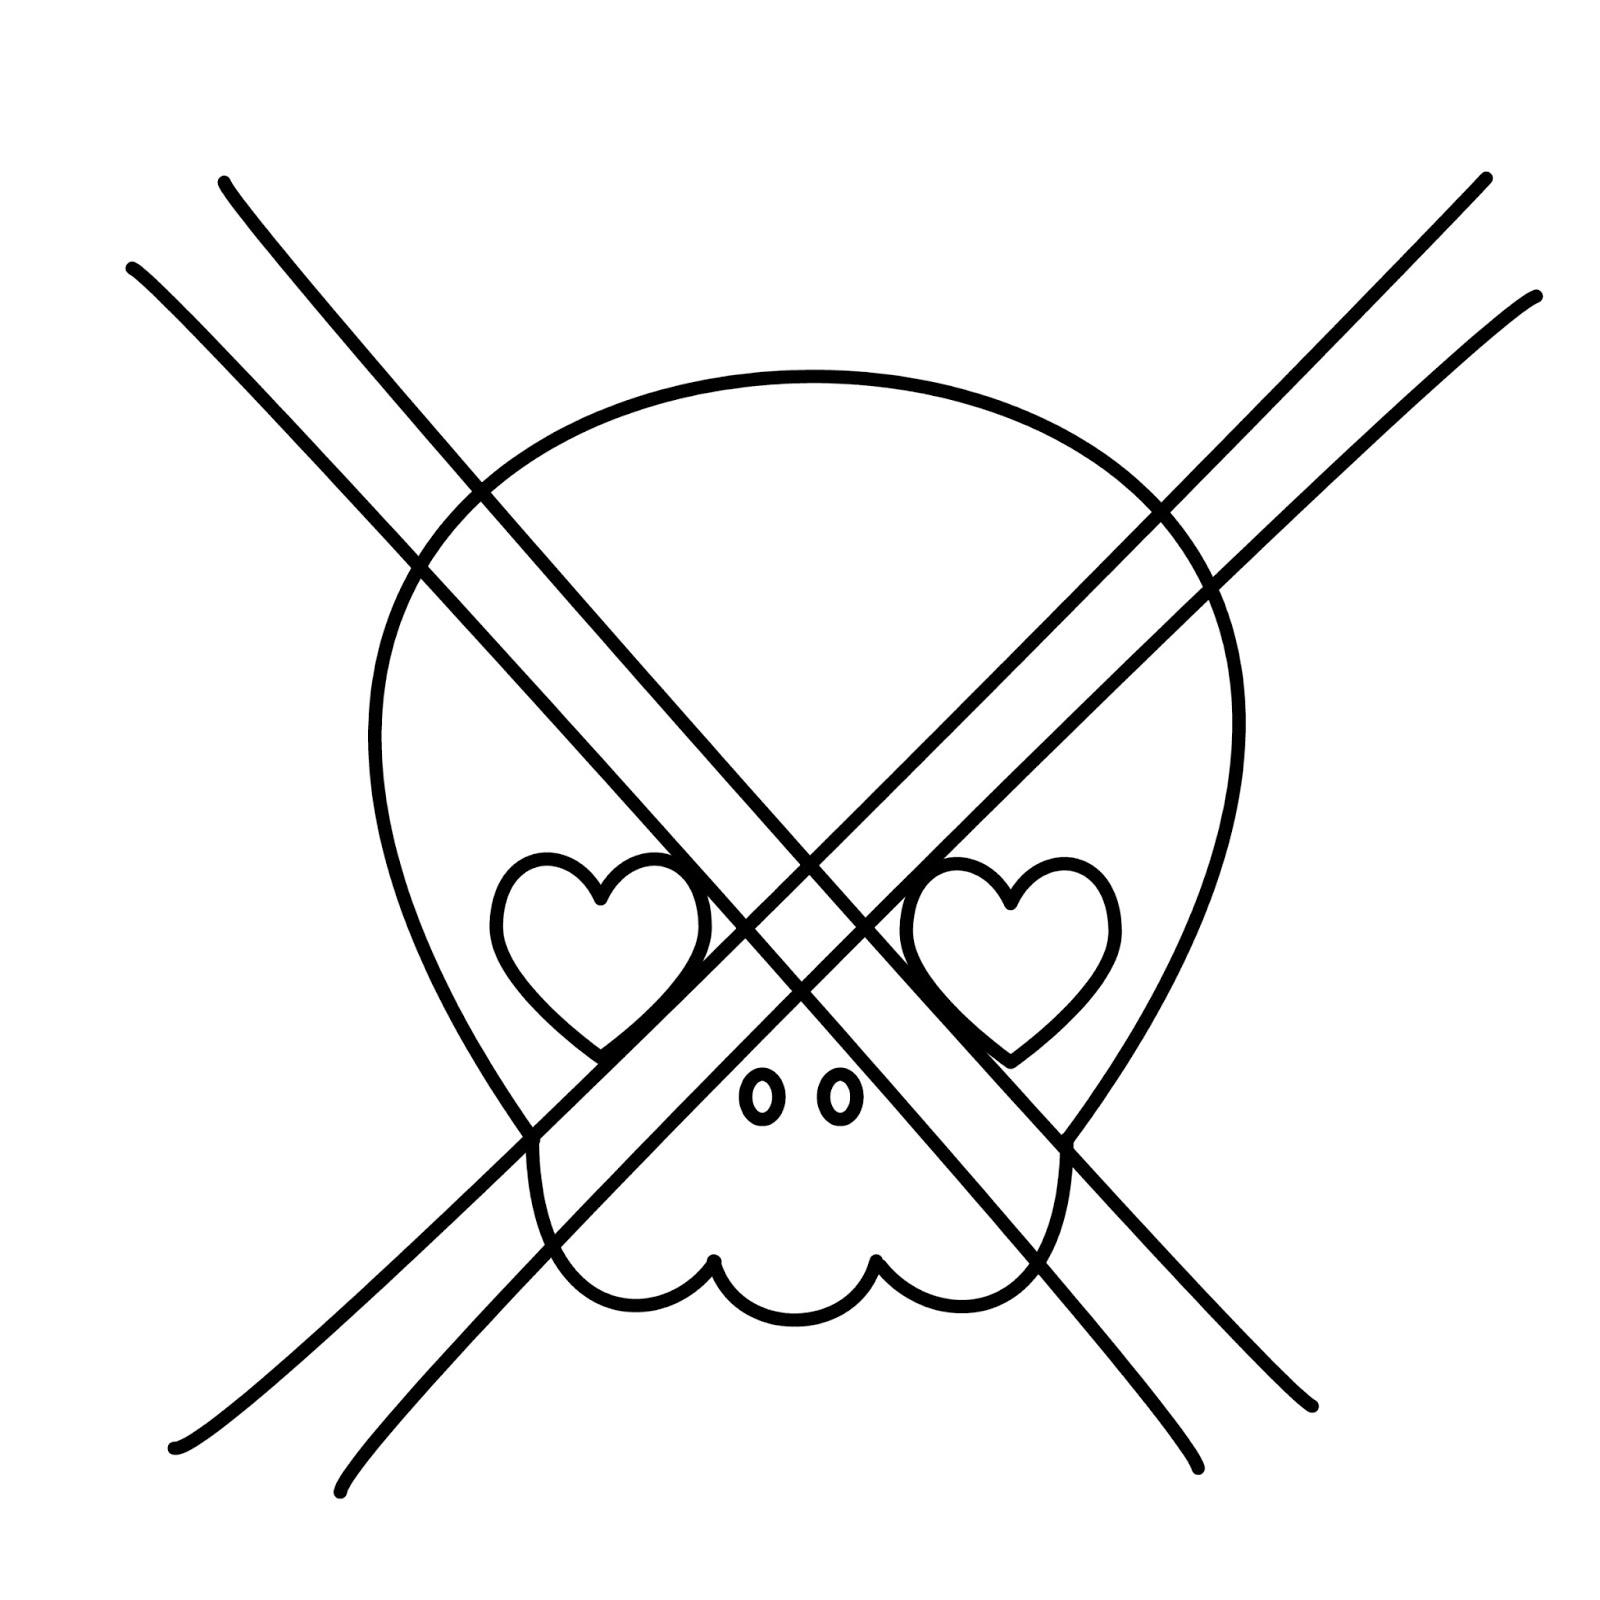 Cute N Kawaii: How To Draw A Kawaii Skull